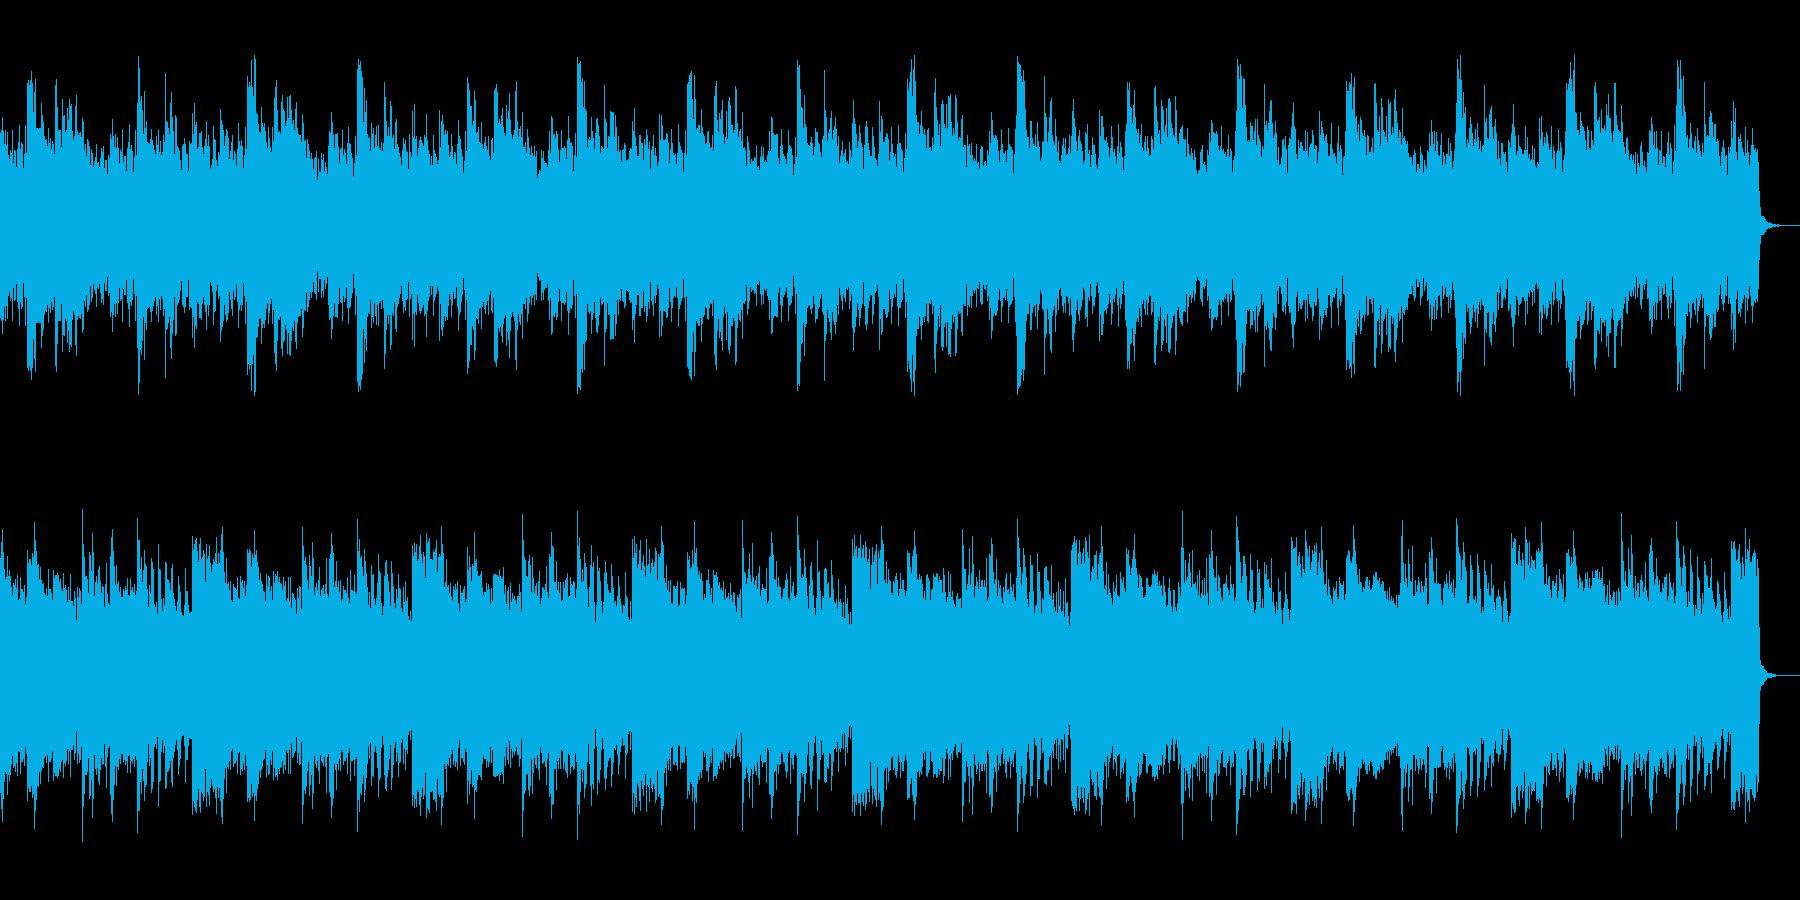 不安や緊張感をイメージさせるピアノBGMの再生済みの波形